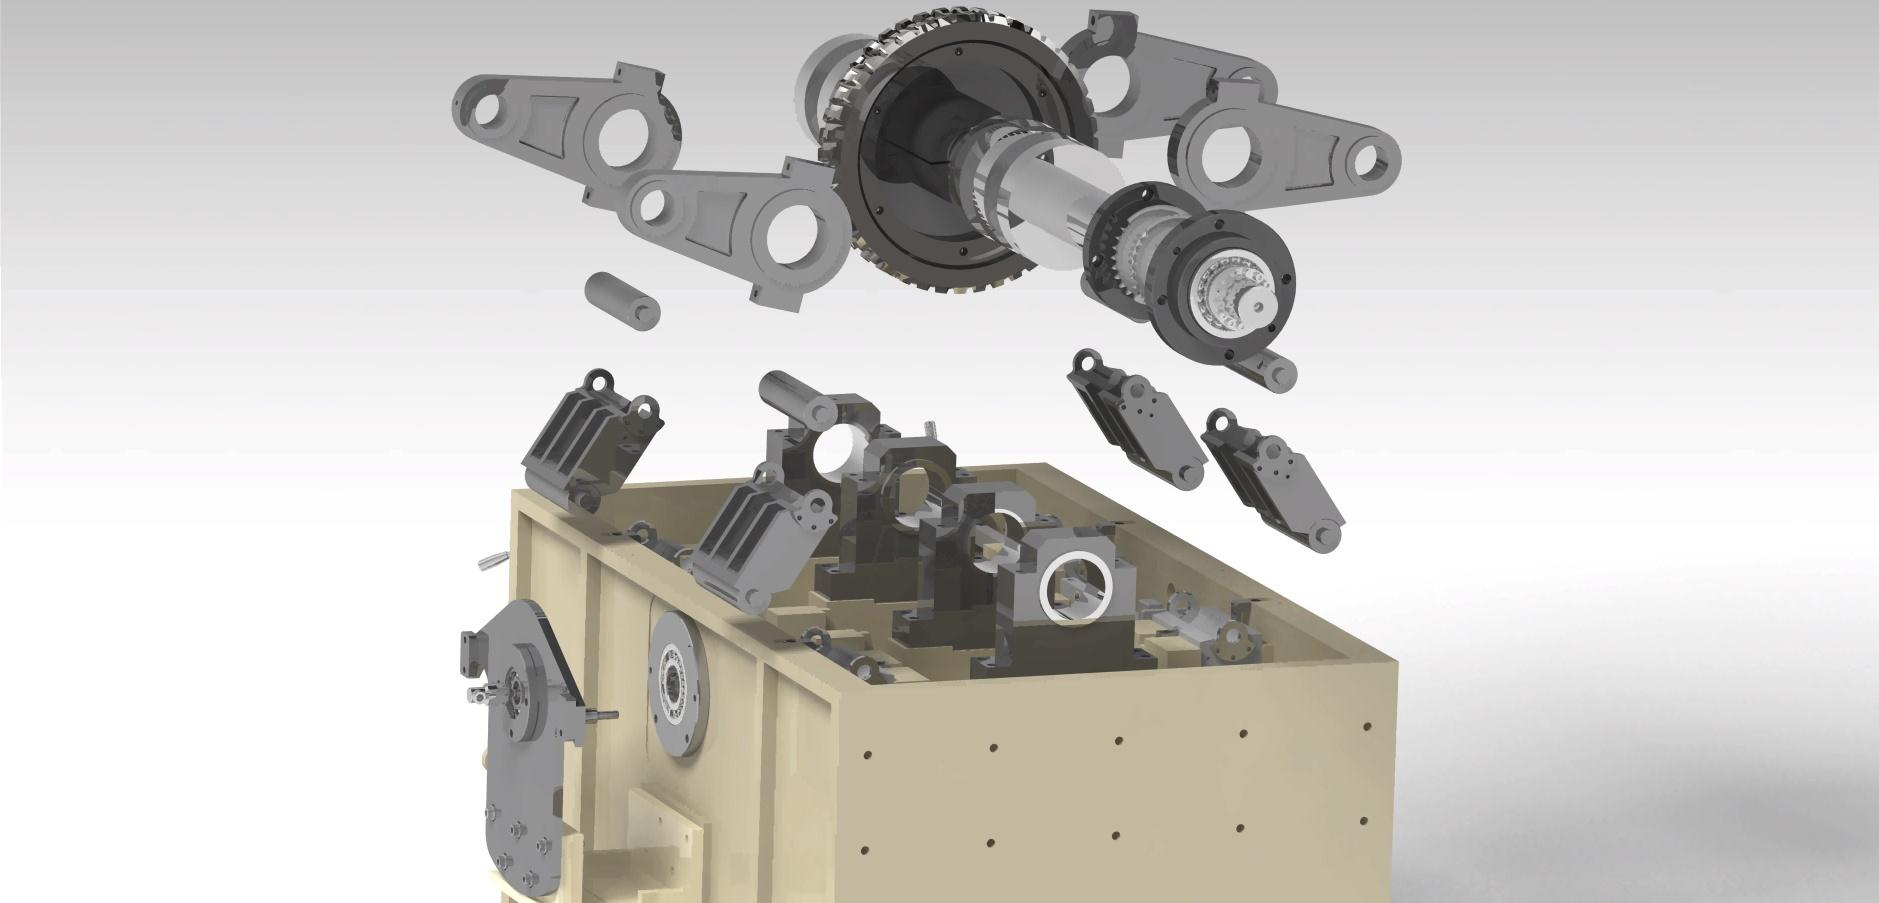 Box cutter machine assembly